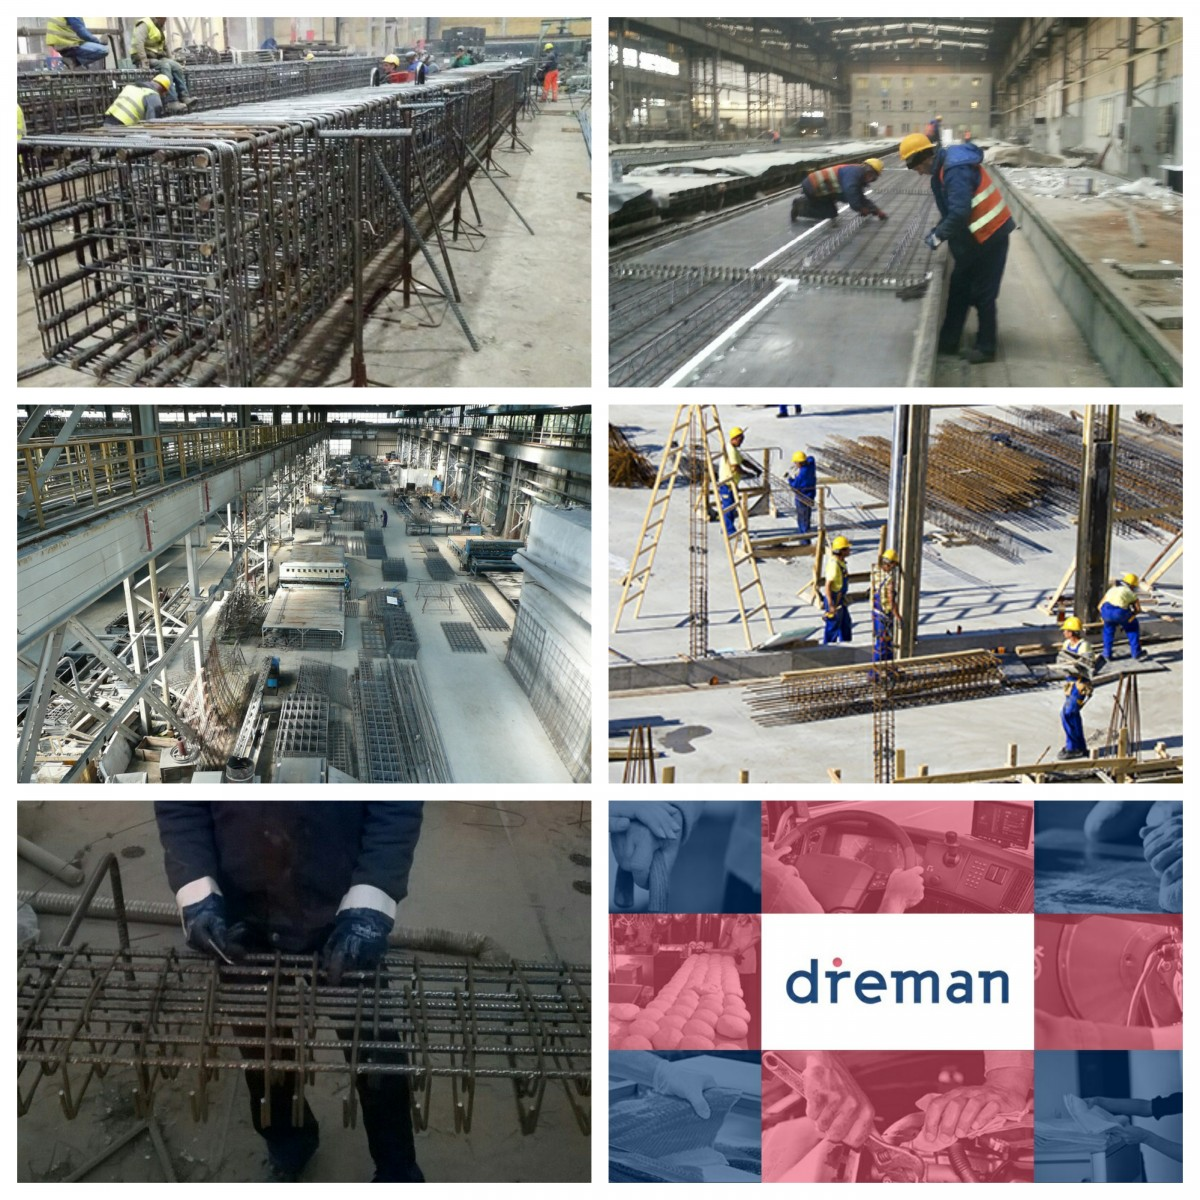 Требуются бетонщики-арматурщики на фабрику в Польшу